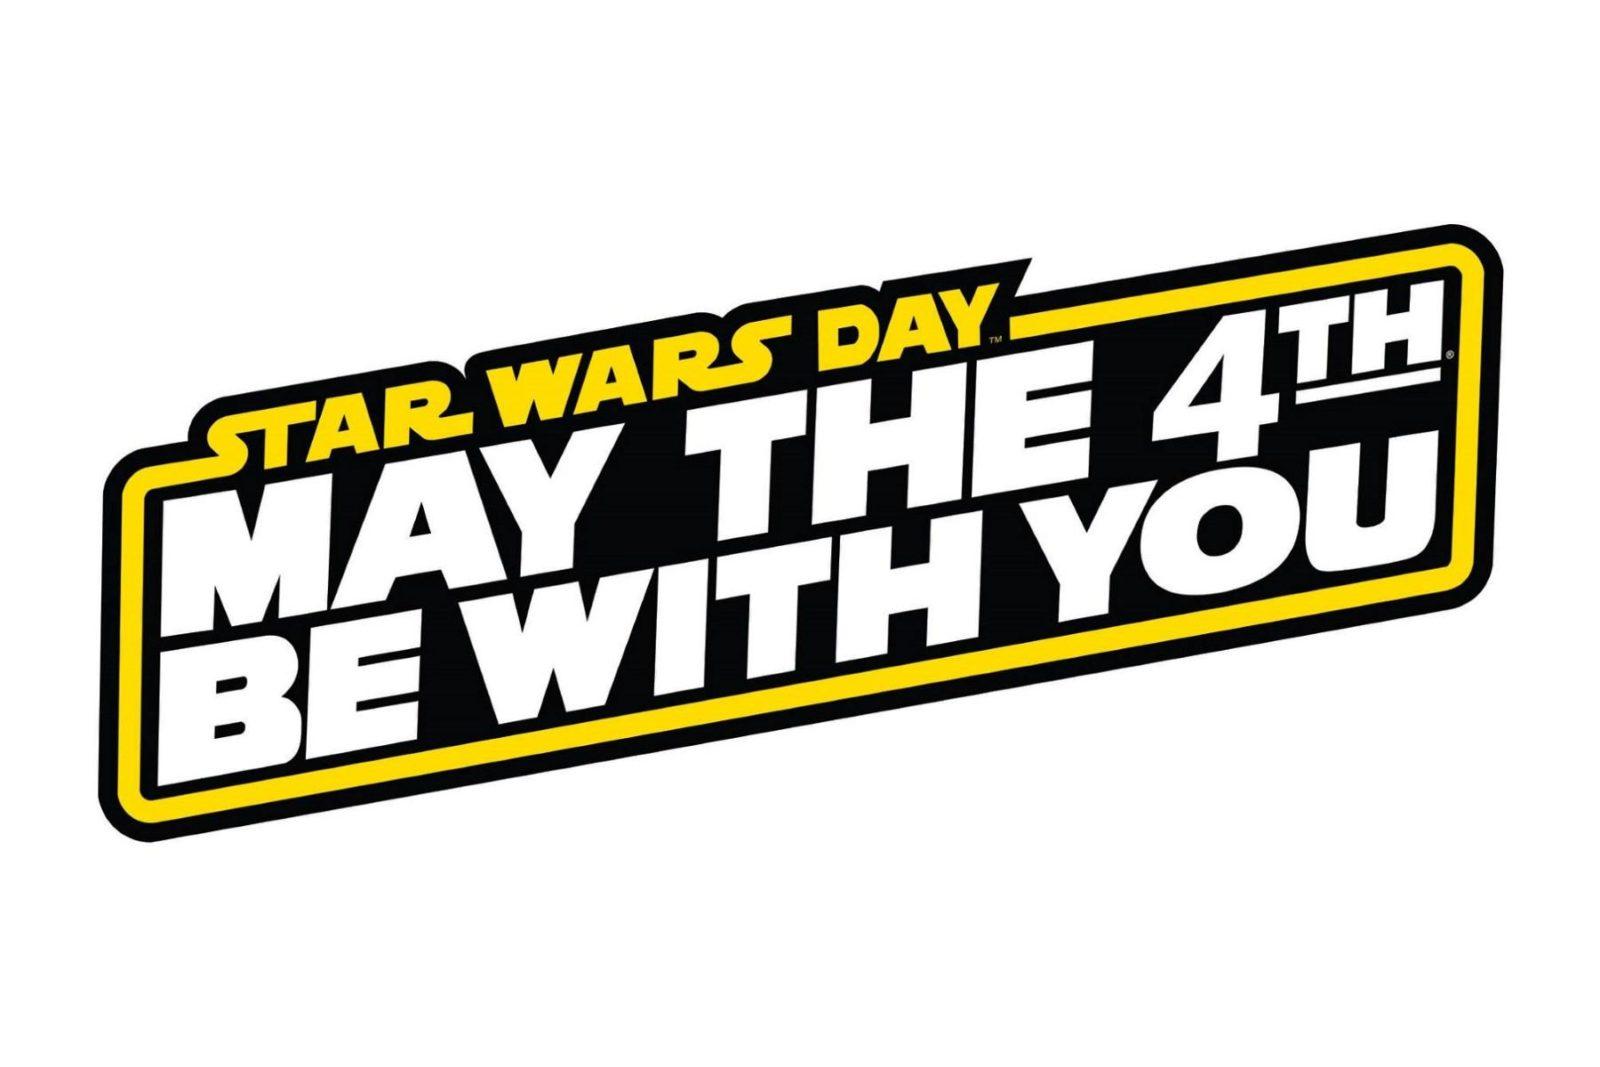 Star Wars Day 2016 - sales! - The Kessel Runway